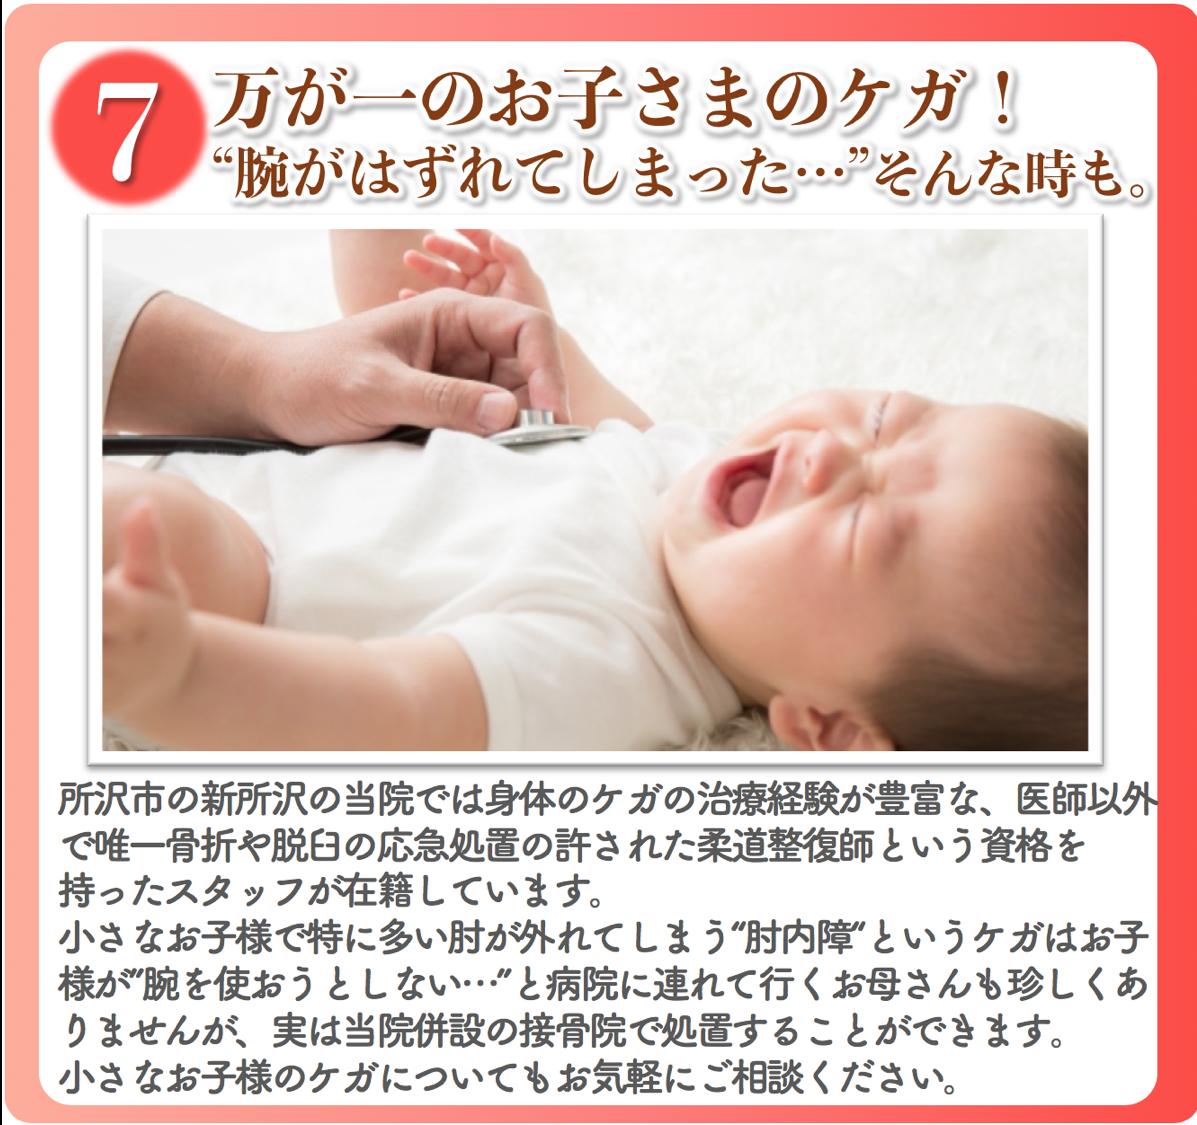 産後骨盤矯正7つの強み7